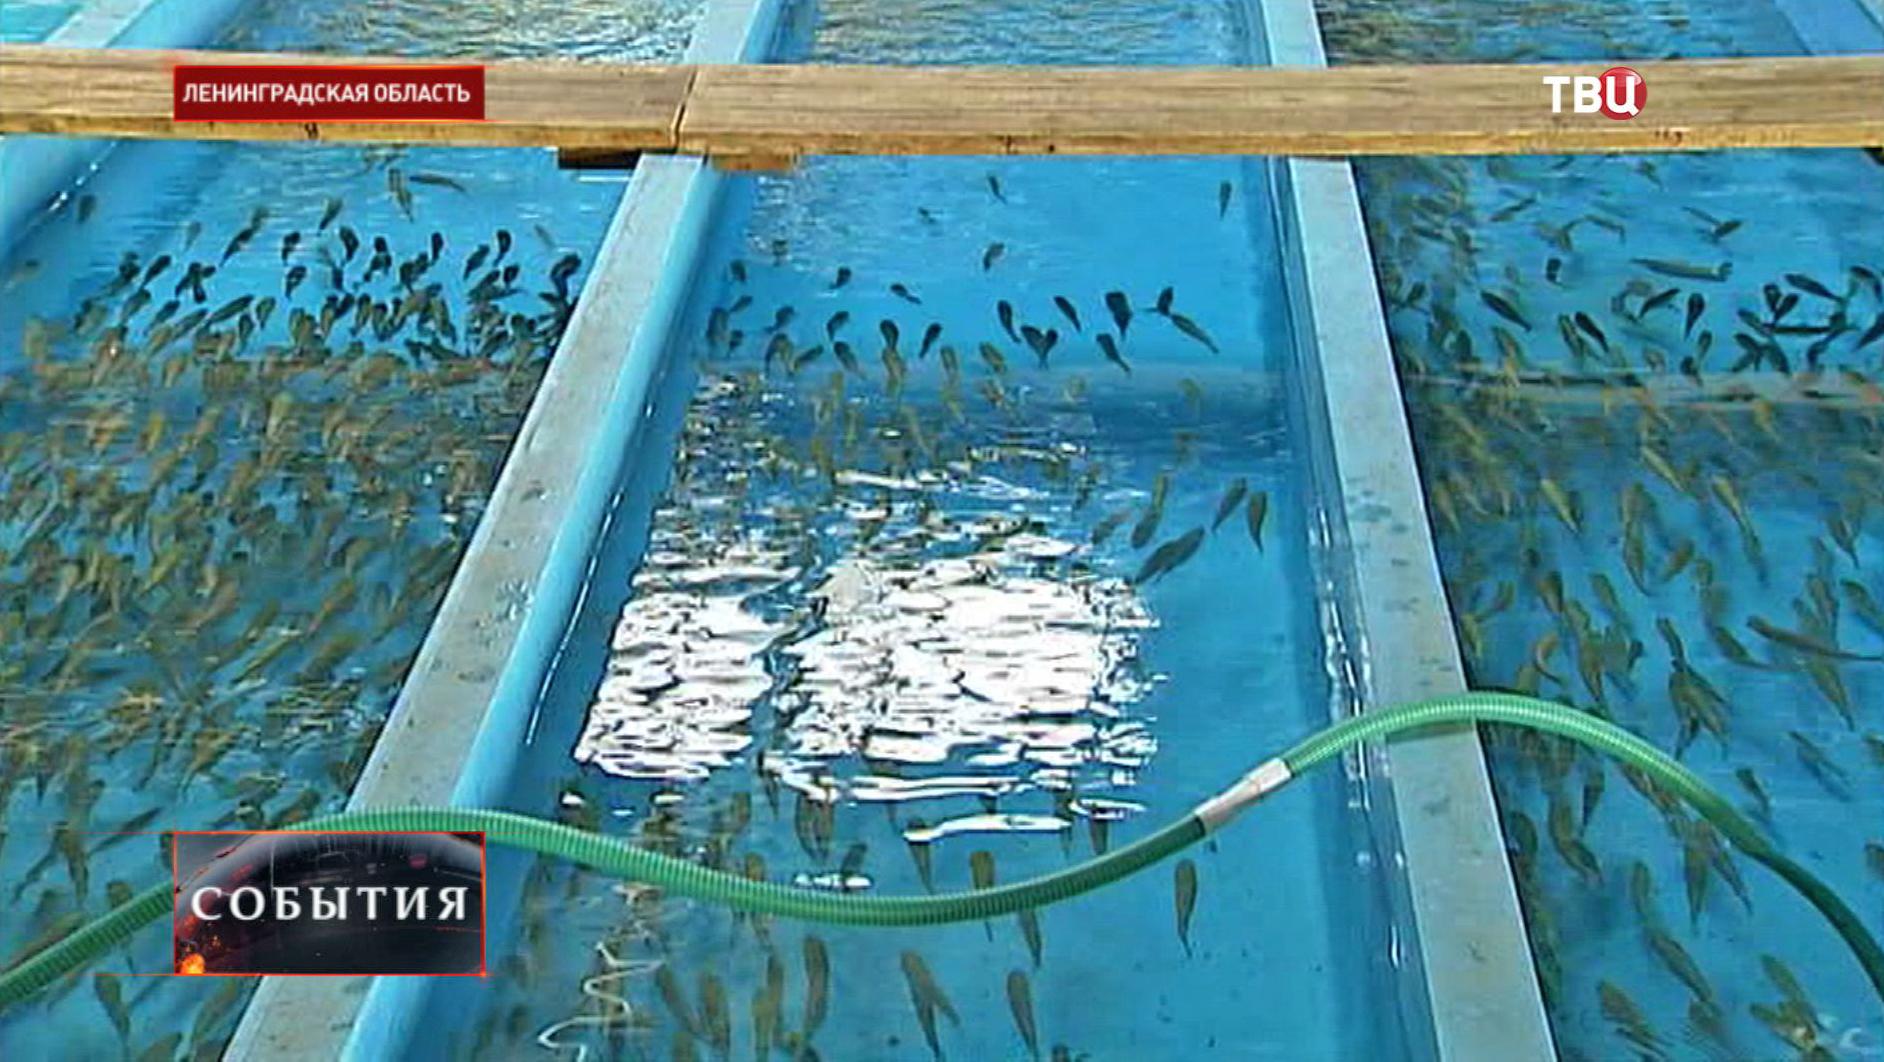 Озеро выпустят 160 тысяч особей палии